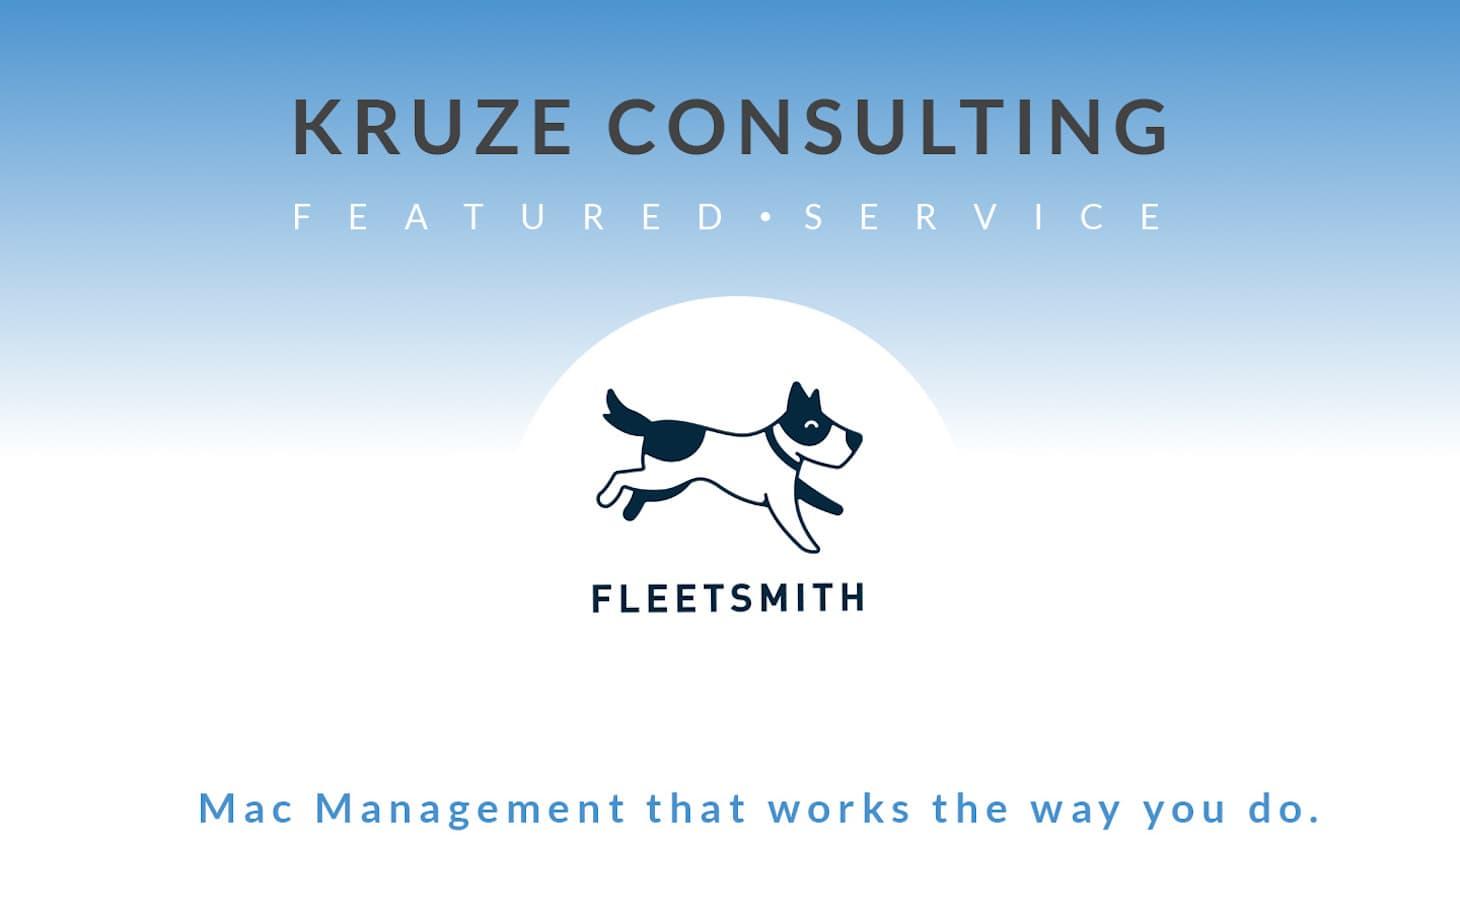 Featured Service - Fleetsmith